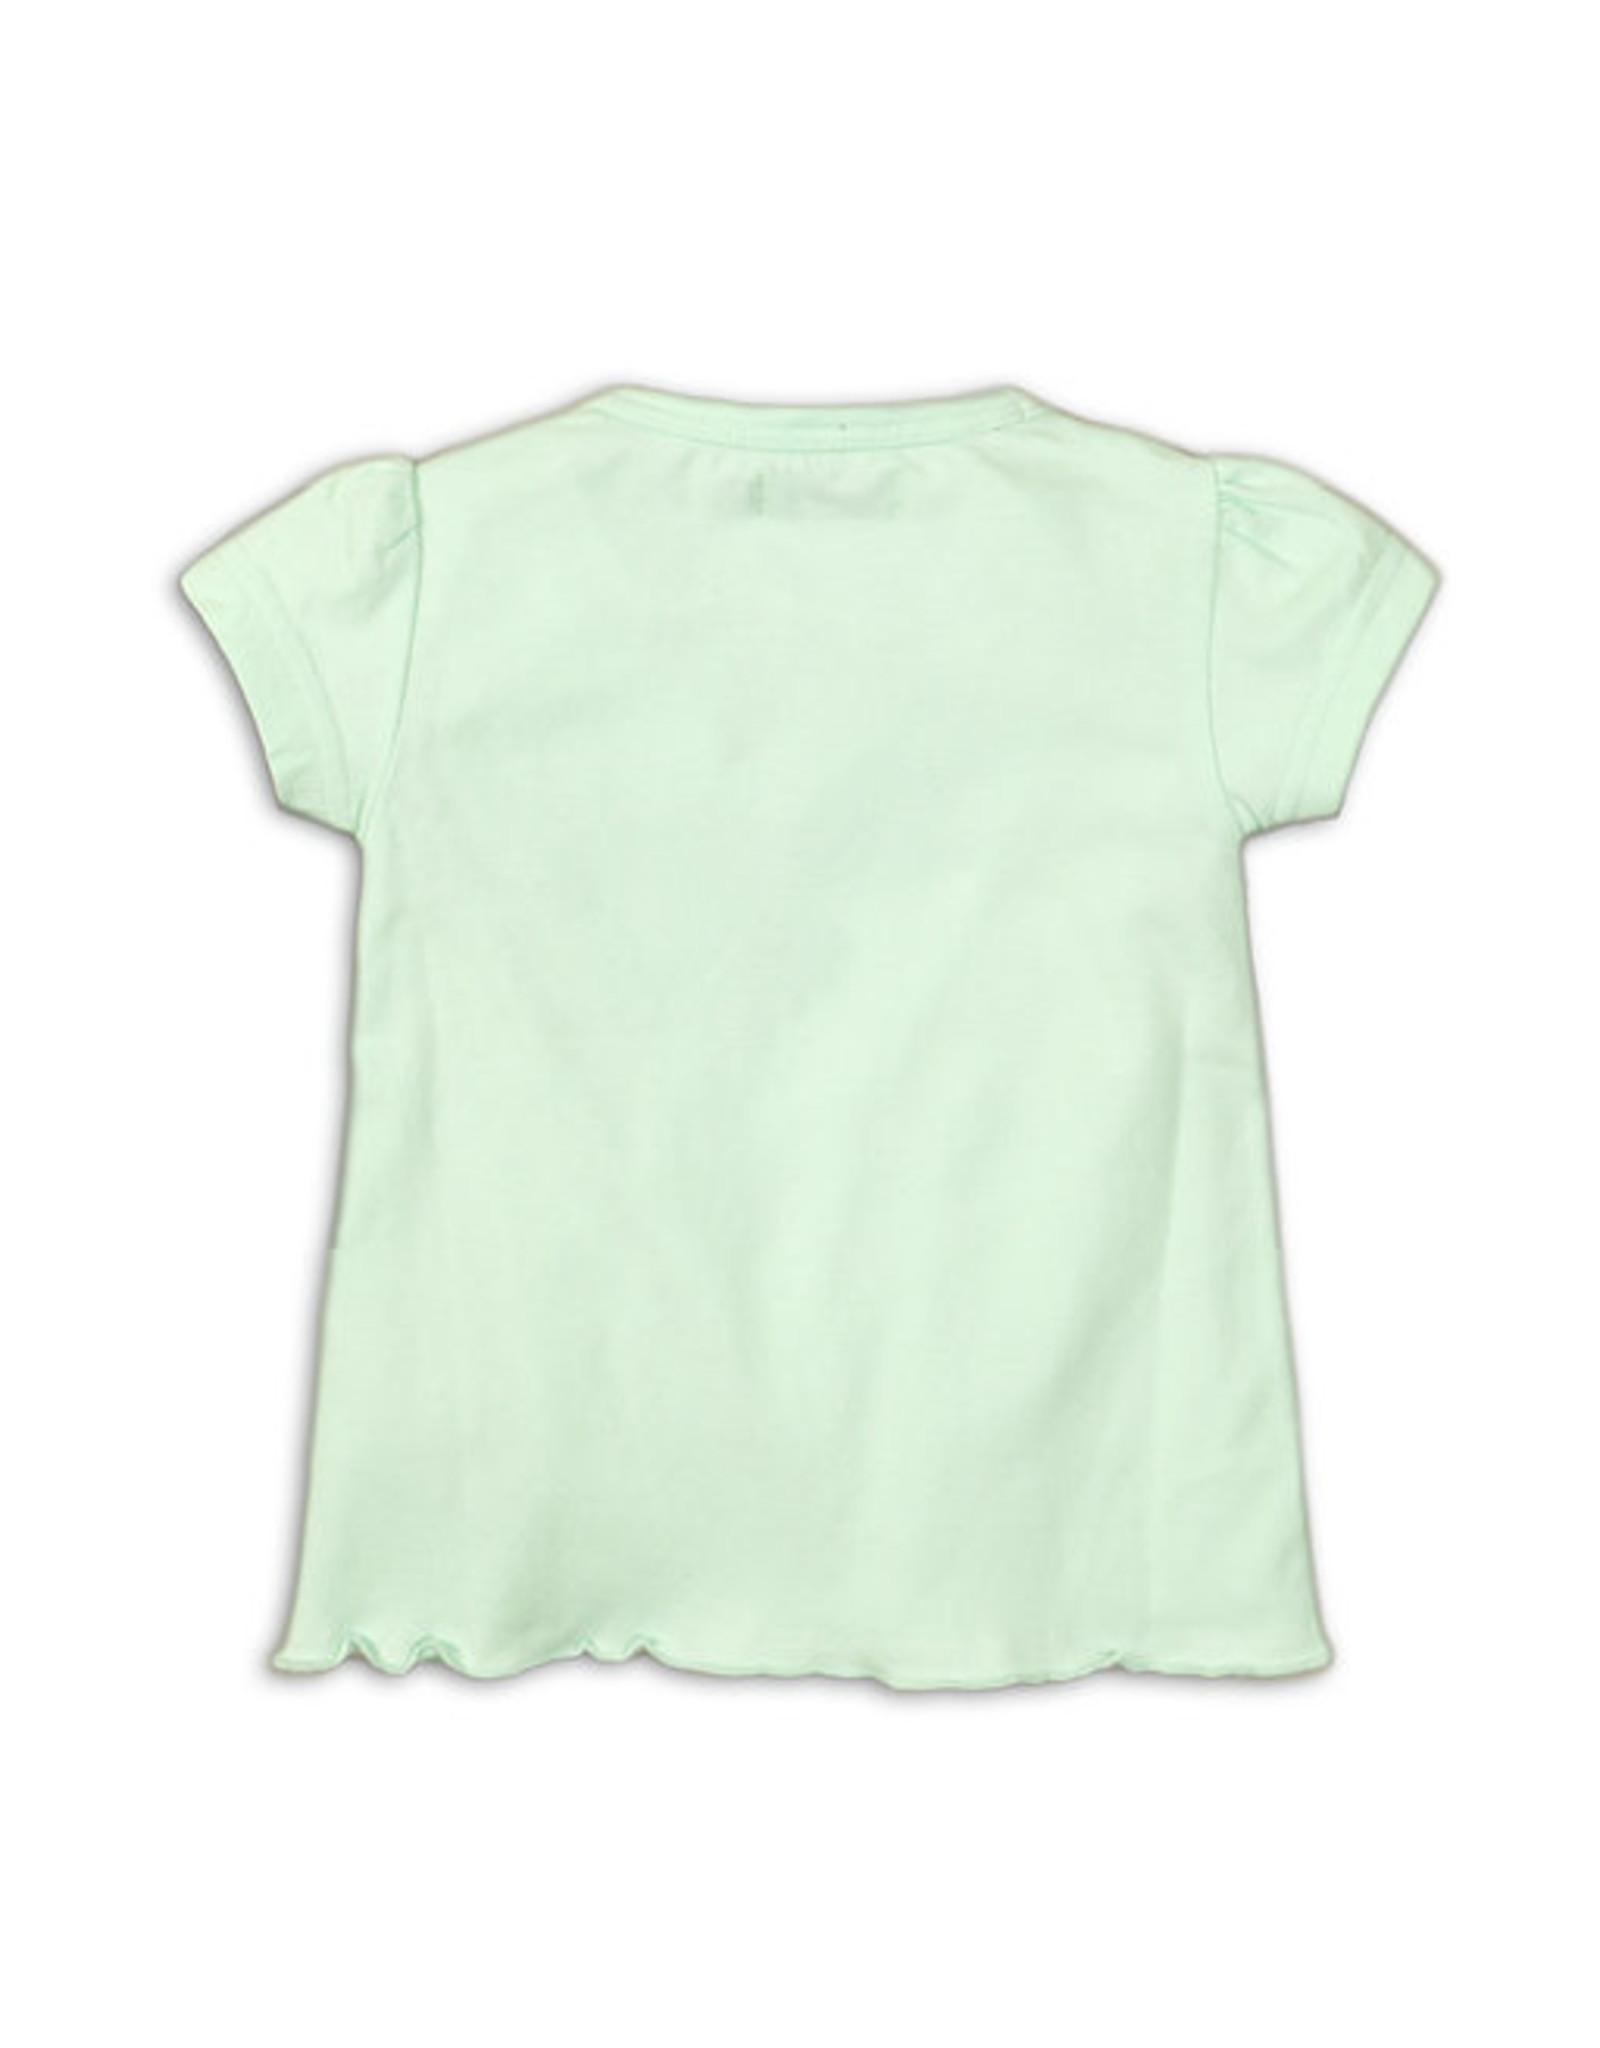 Dirkje T-shirt tigers - mint - 35C-34321